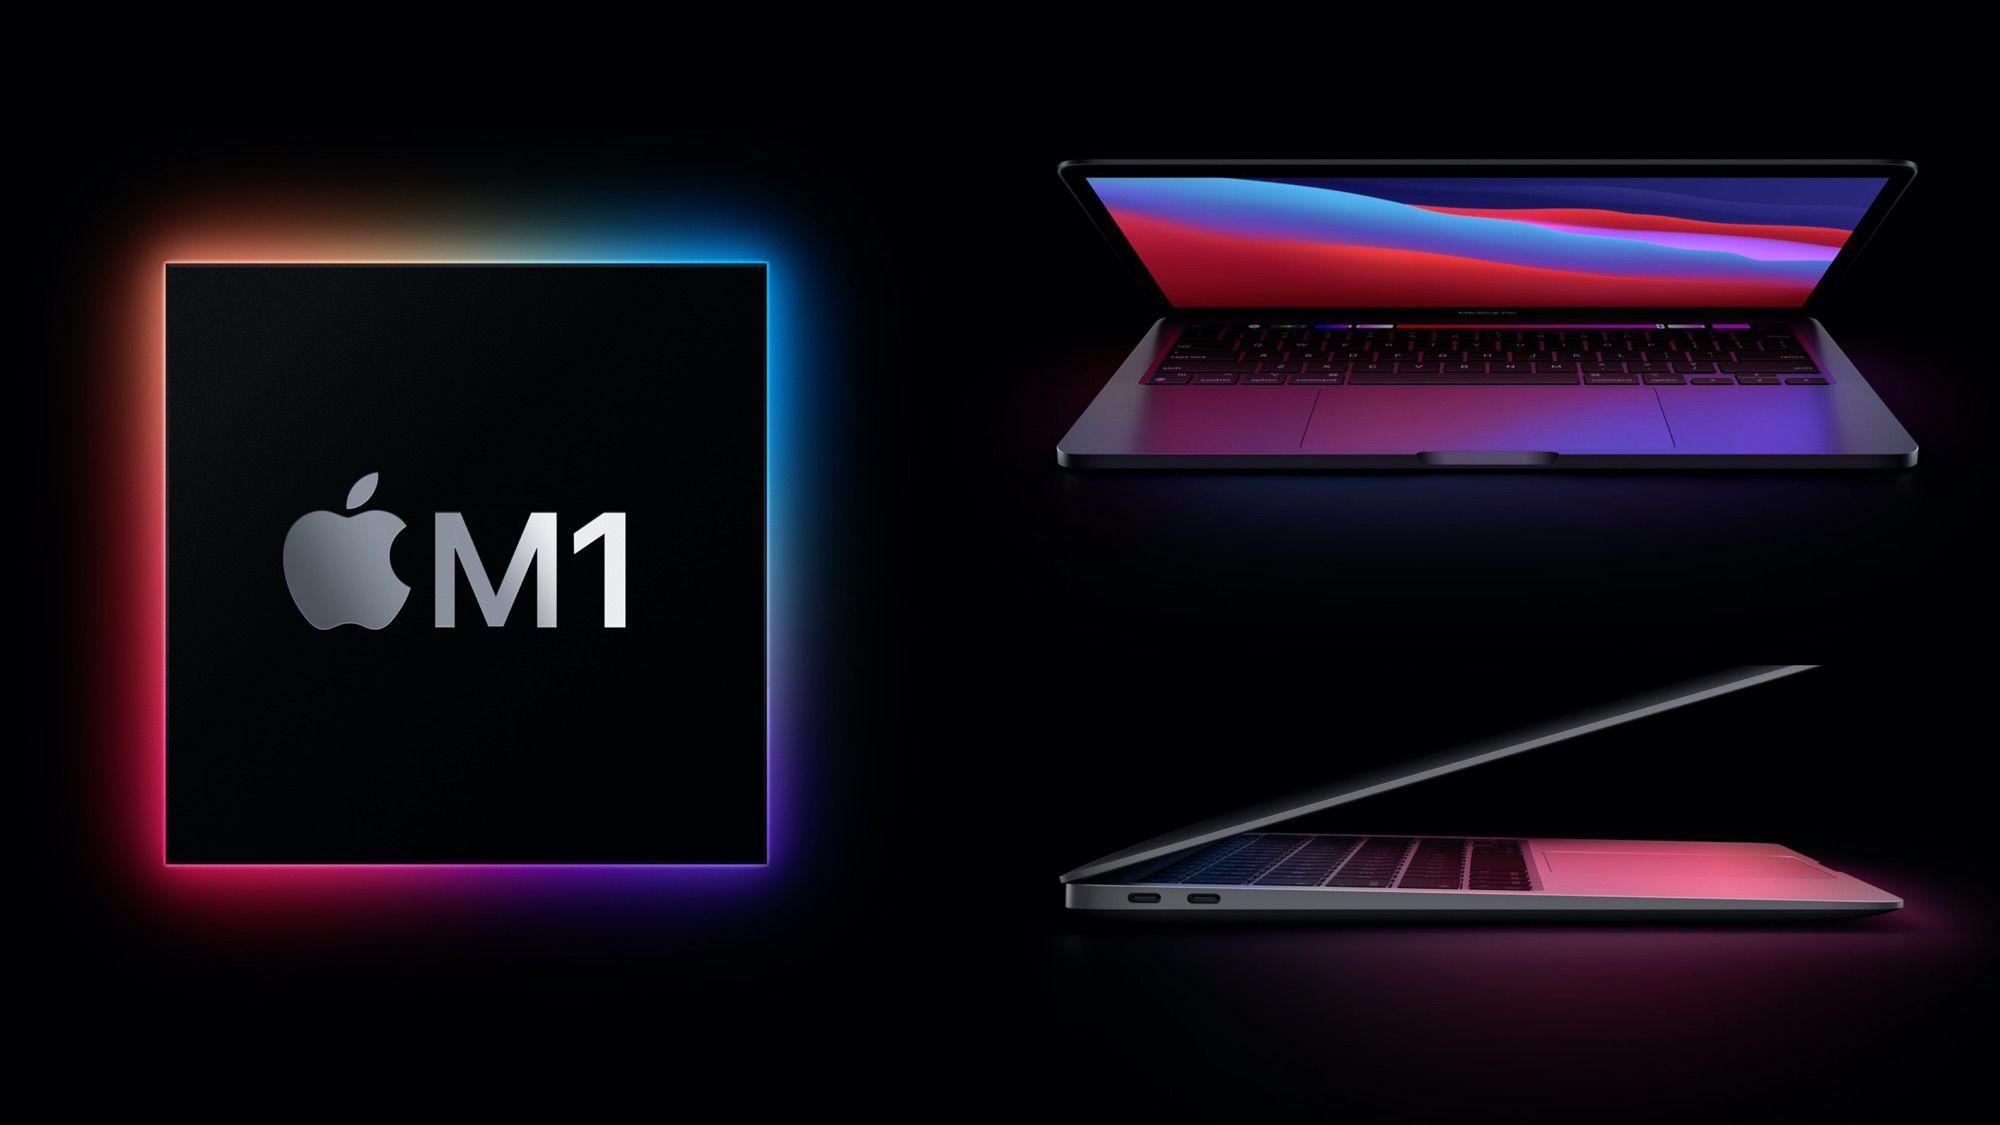 Novi Microsoft Edge privzeto podpira prvi Applov procesor M1!